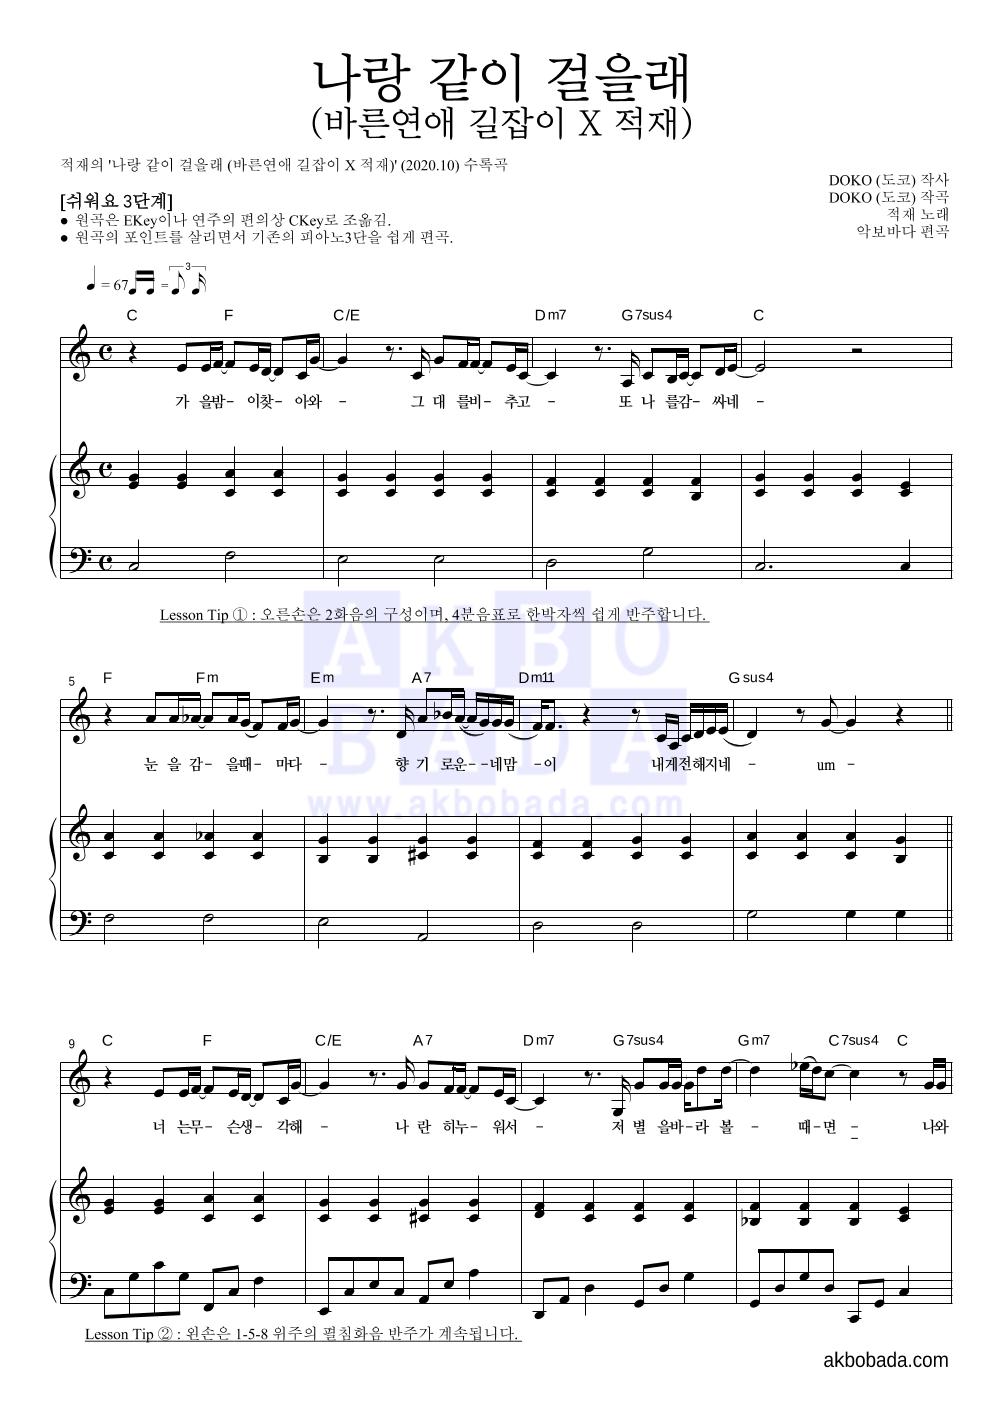 적재 - 나랑 같이 걸을래 (바른연애 길잡이 X 적재) 피아노3단-쉬워요 악보